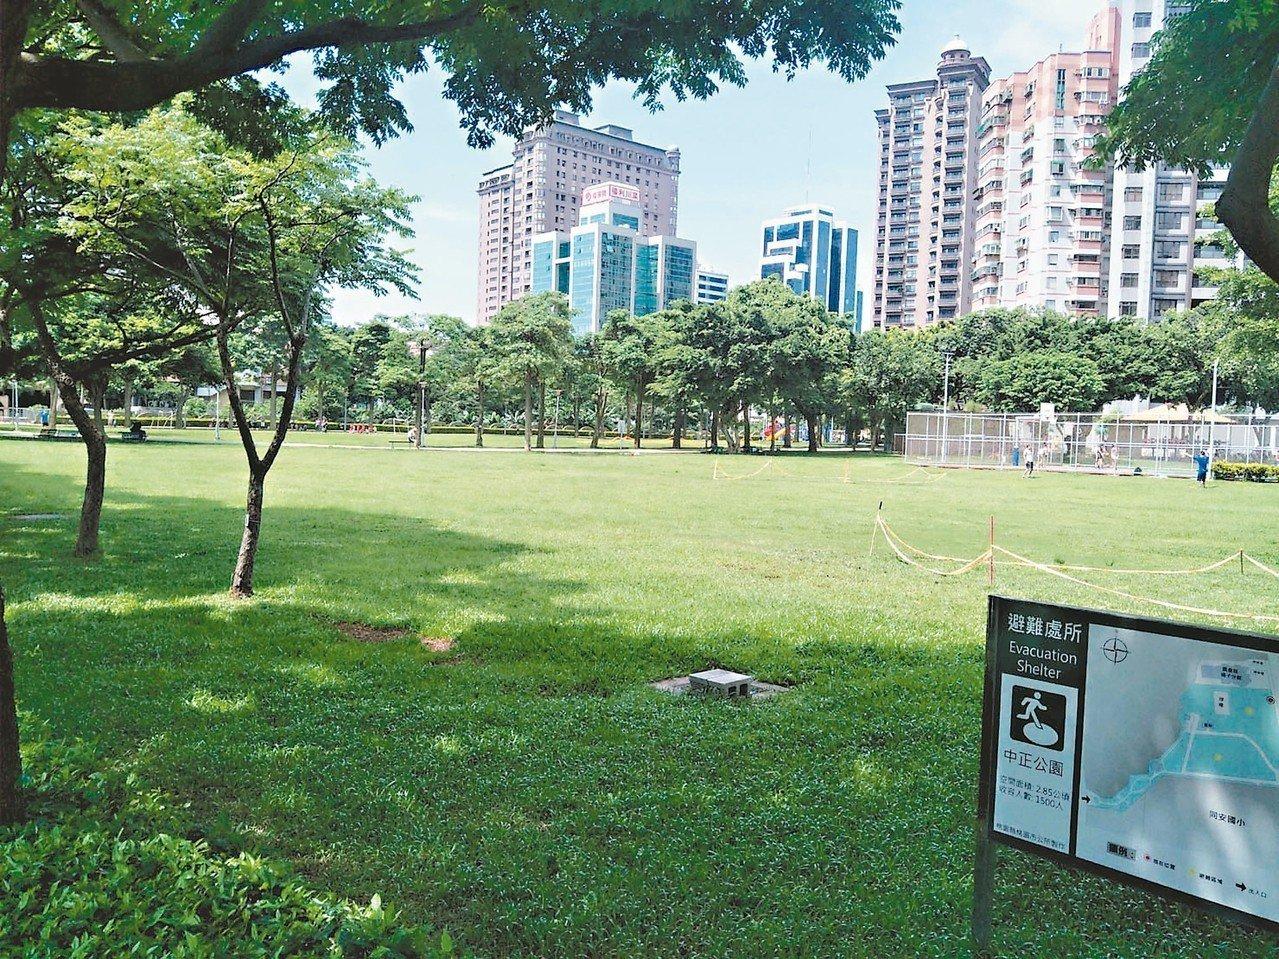 桃園市府計畫在桃園中正公園興建地下停車場。 記者曾增勳/攝影